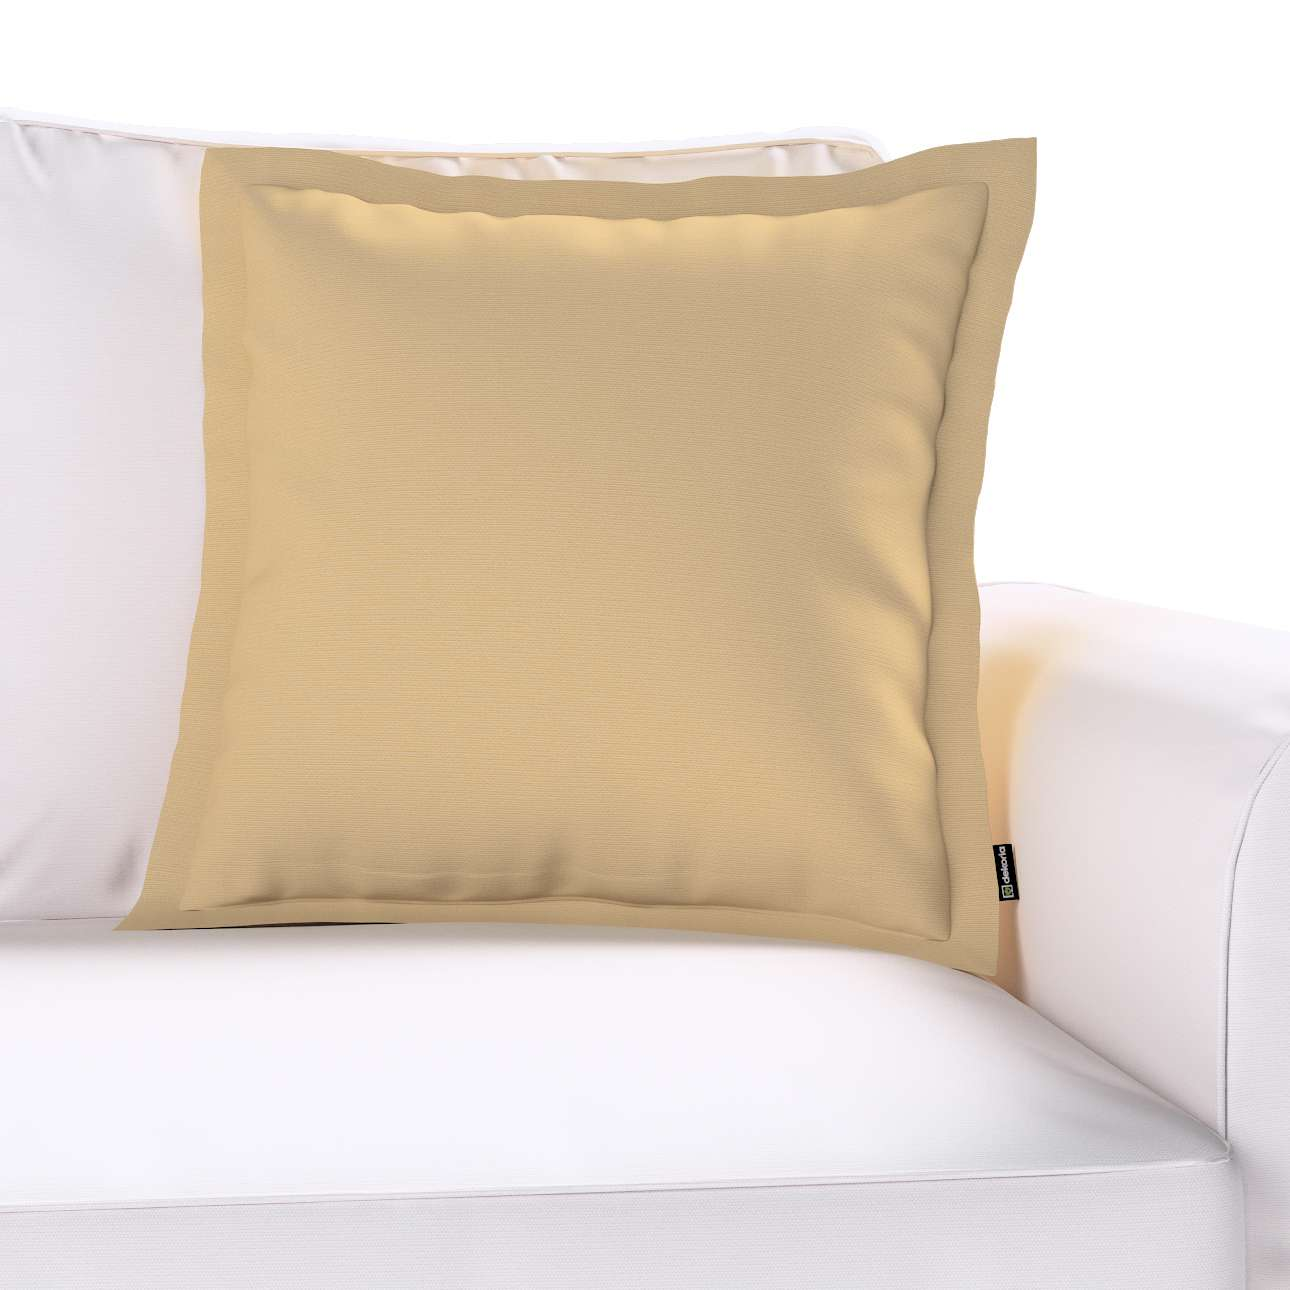 Poszewka Mona na poduszkę w kolekcji Cotton Panama, tkanina: 702-01